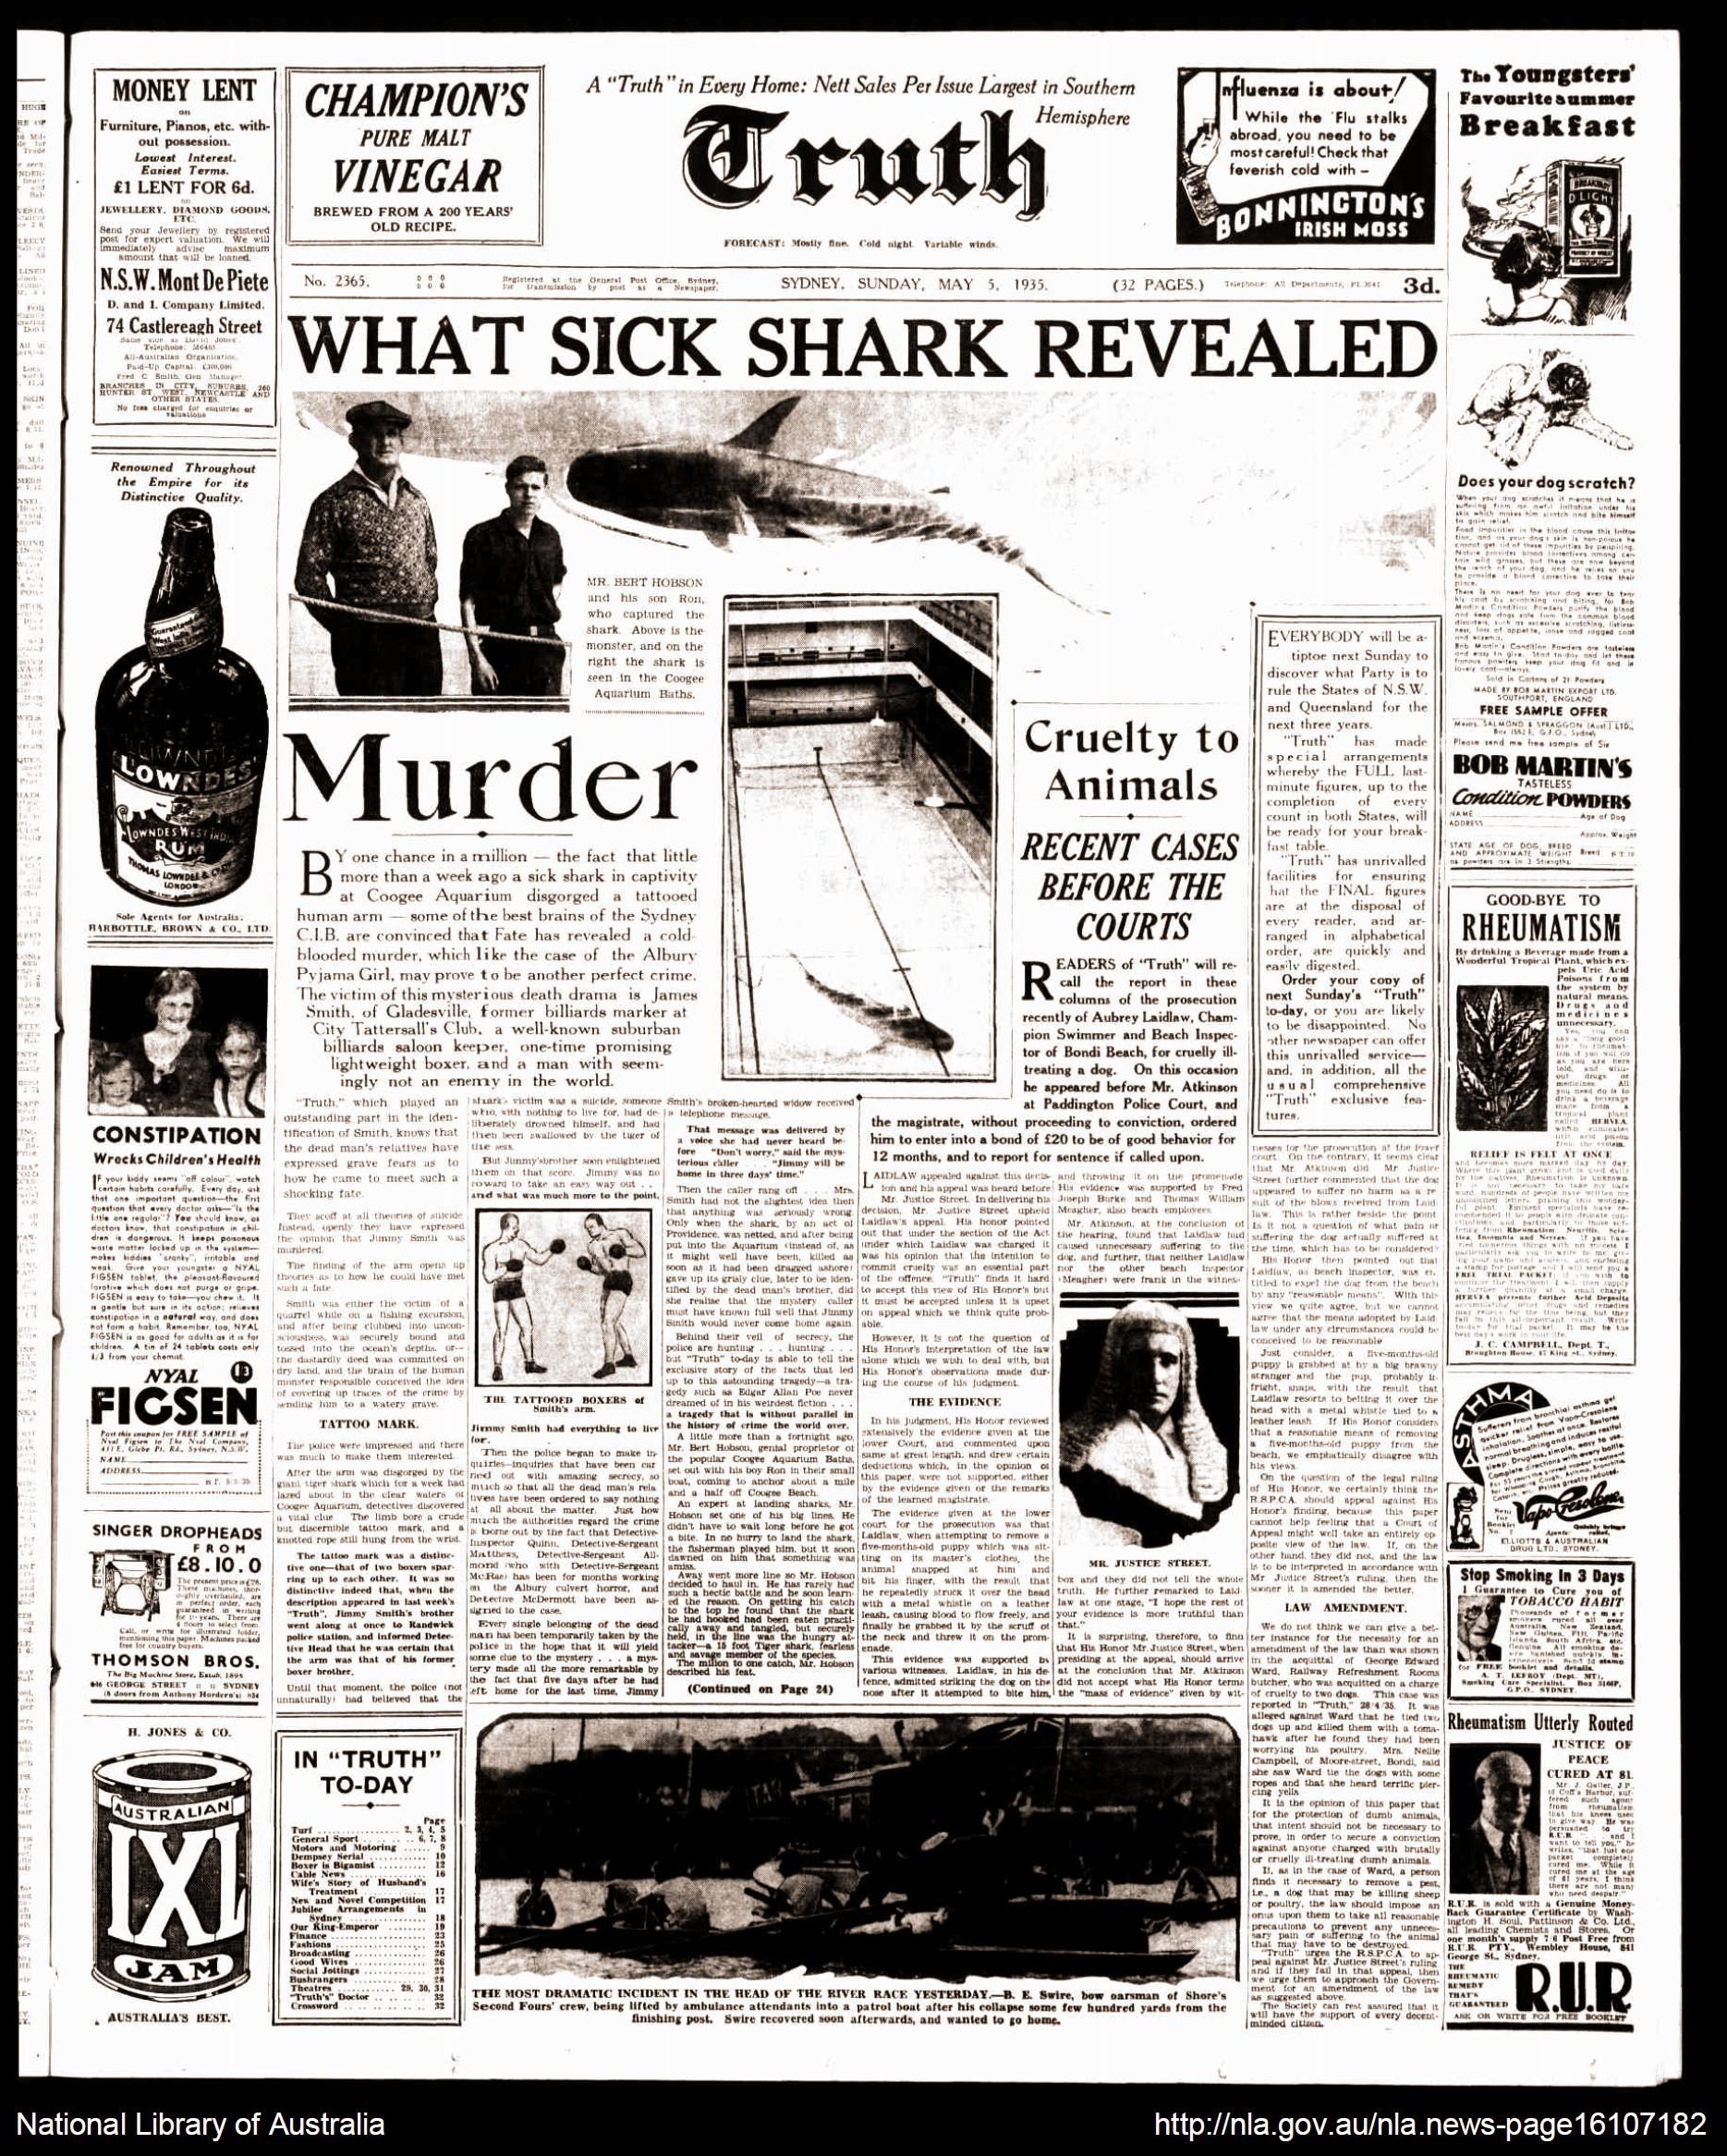 Úc: Cá mập ở thủy cung nôn ra cánh tay người hé lộ vụ án mạng nổi tiếng hơn 8 thập kỷ cảnh sát phải bó tay - Ảnh 6.